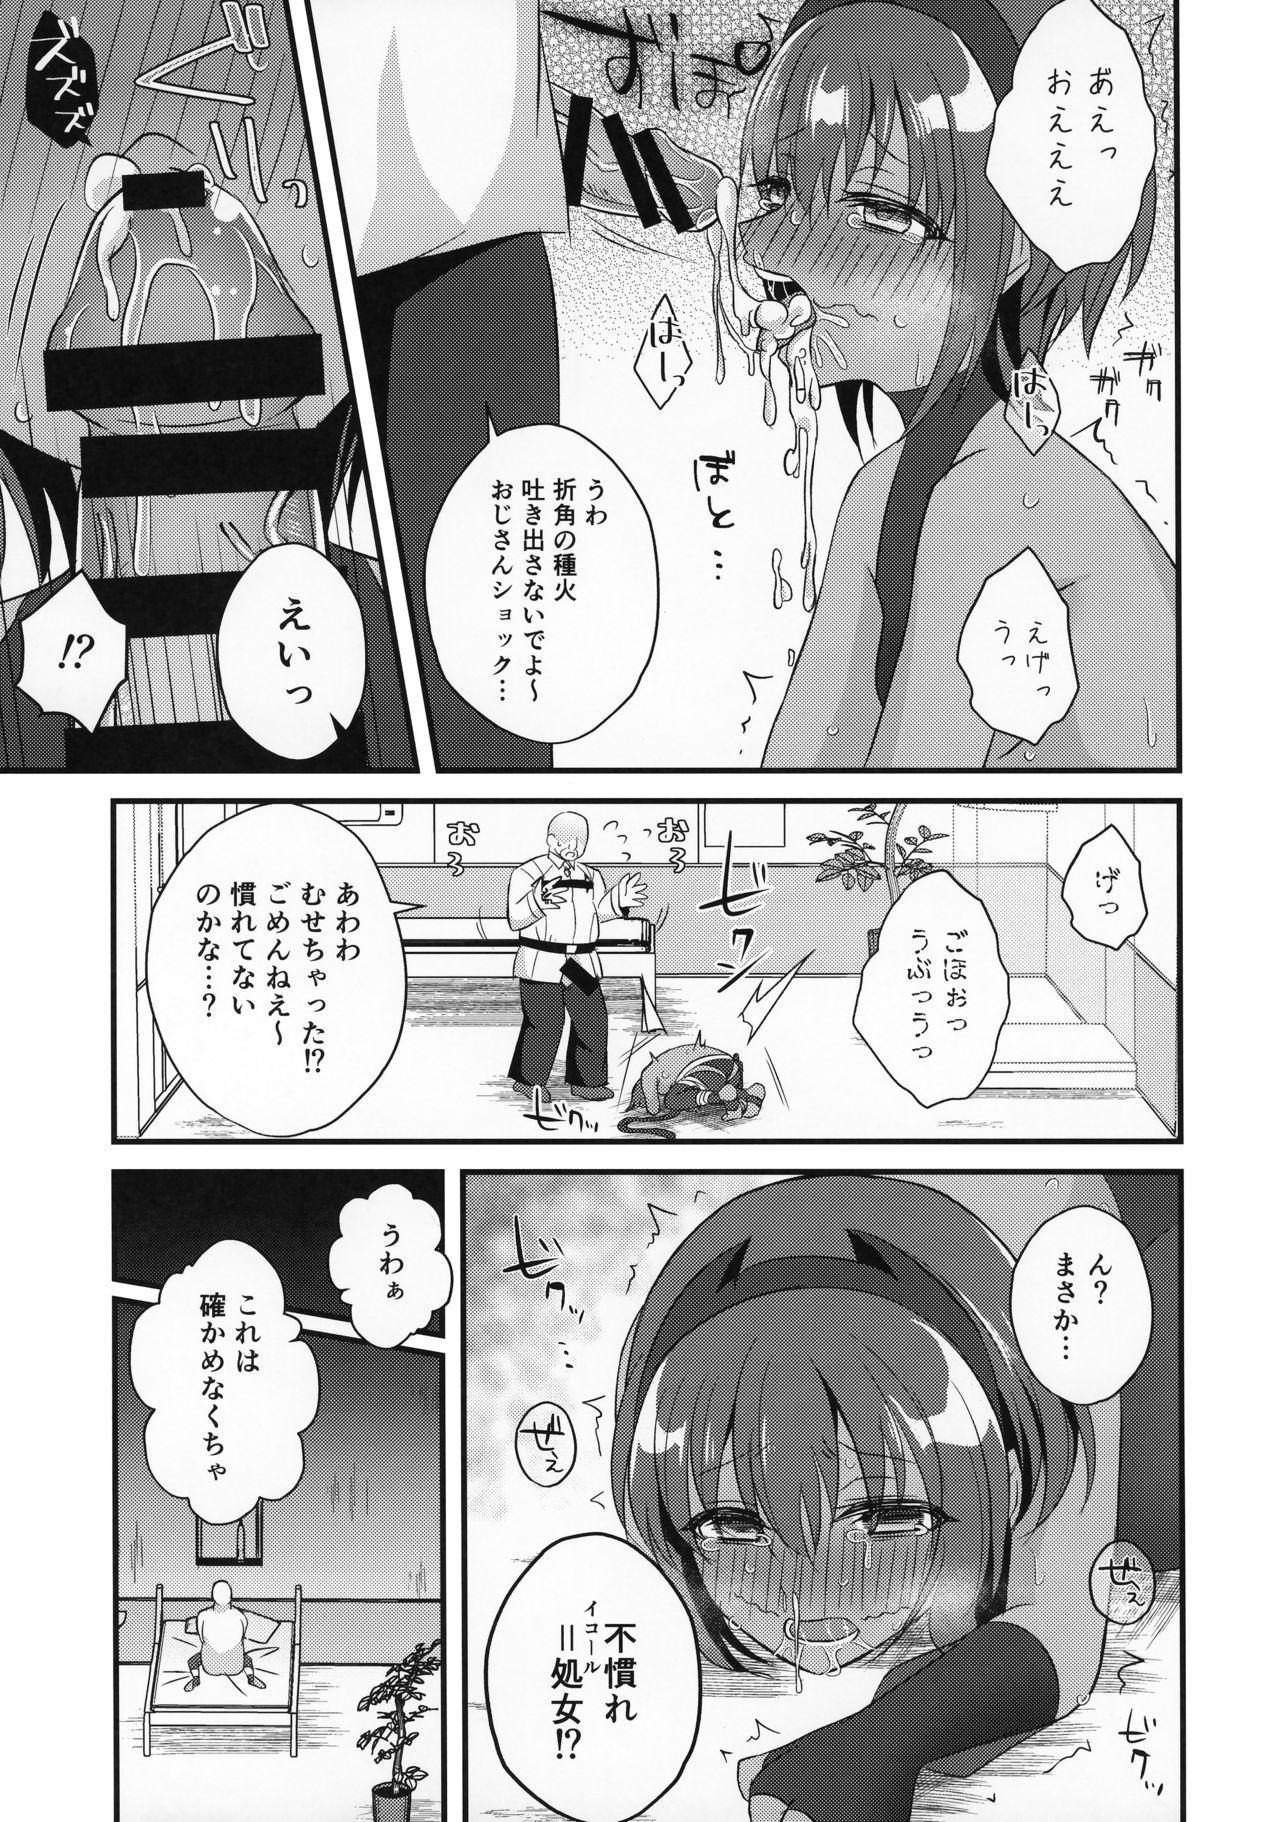 NTR ni Saku Doku no Hana 9